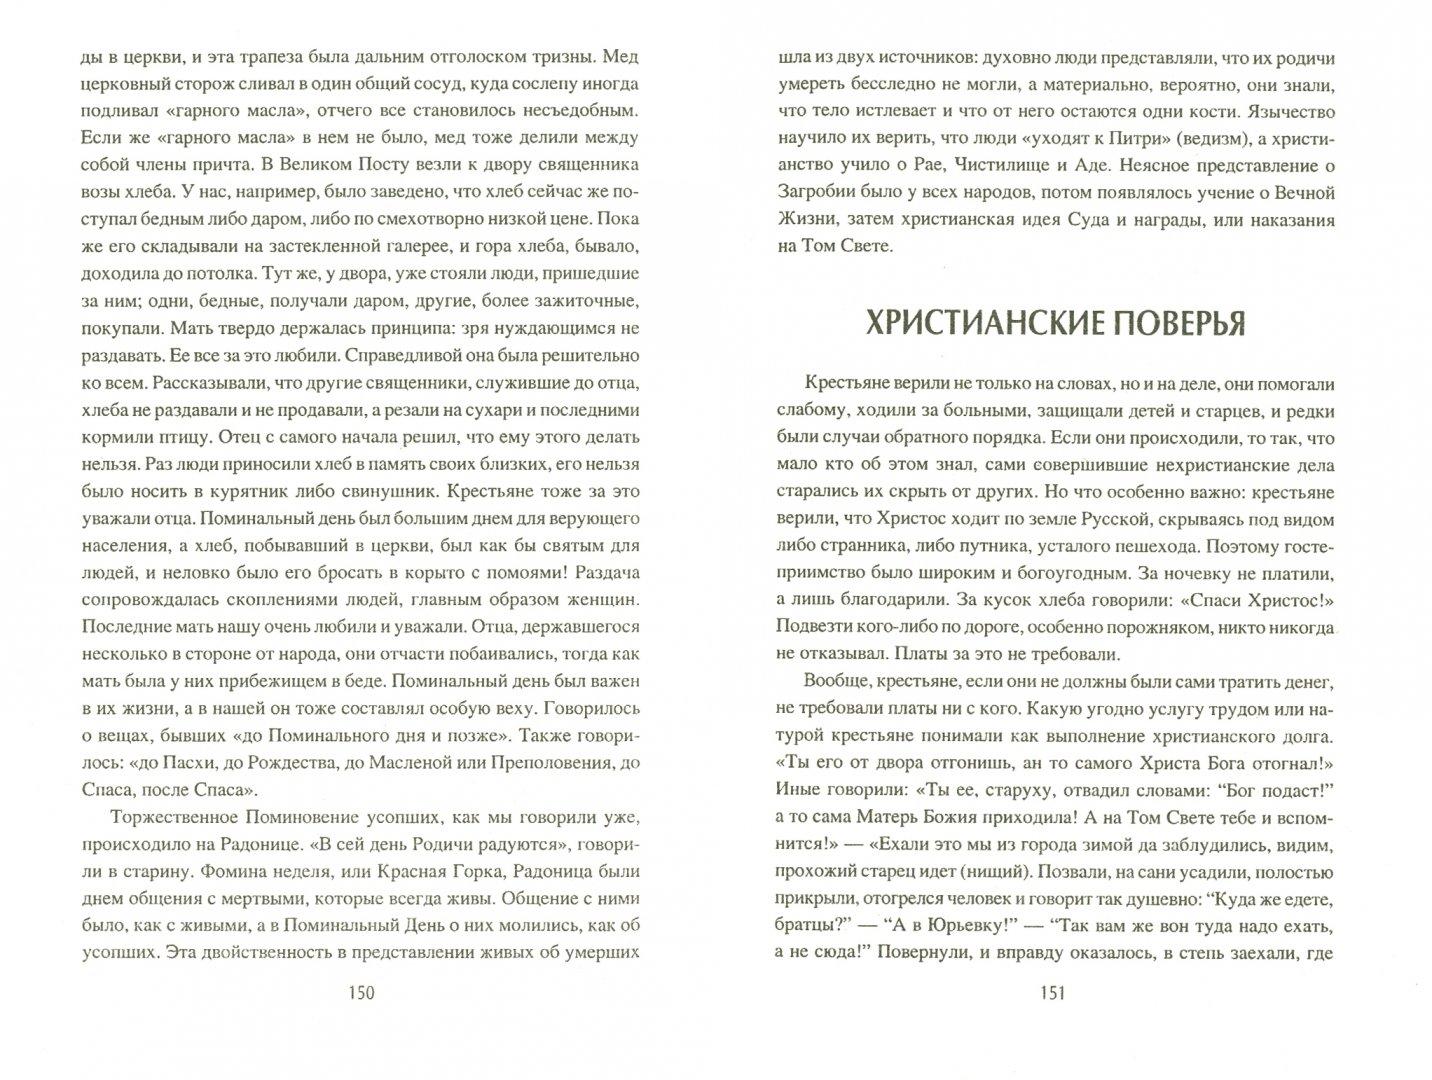 Иллюстрация 1 из 5 для Русские сказания - Юрий Миролюбов   Лабиринт - книги. Источник: Лабиринт